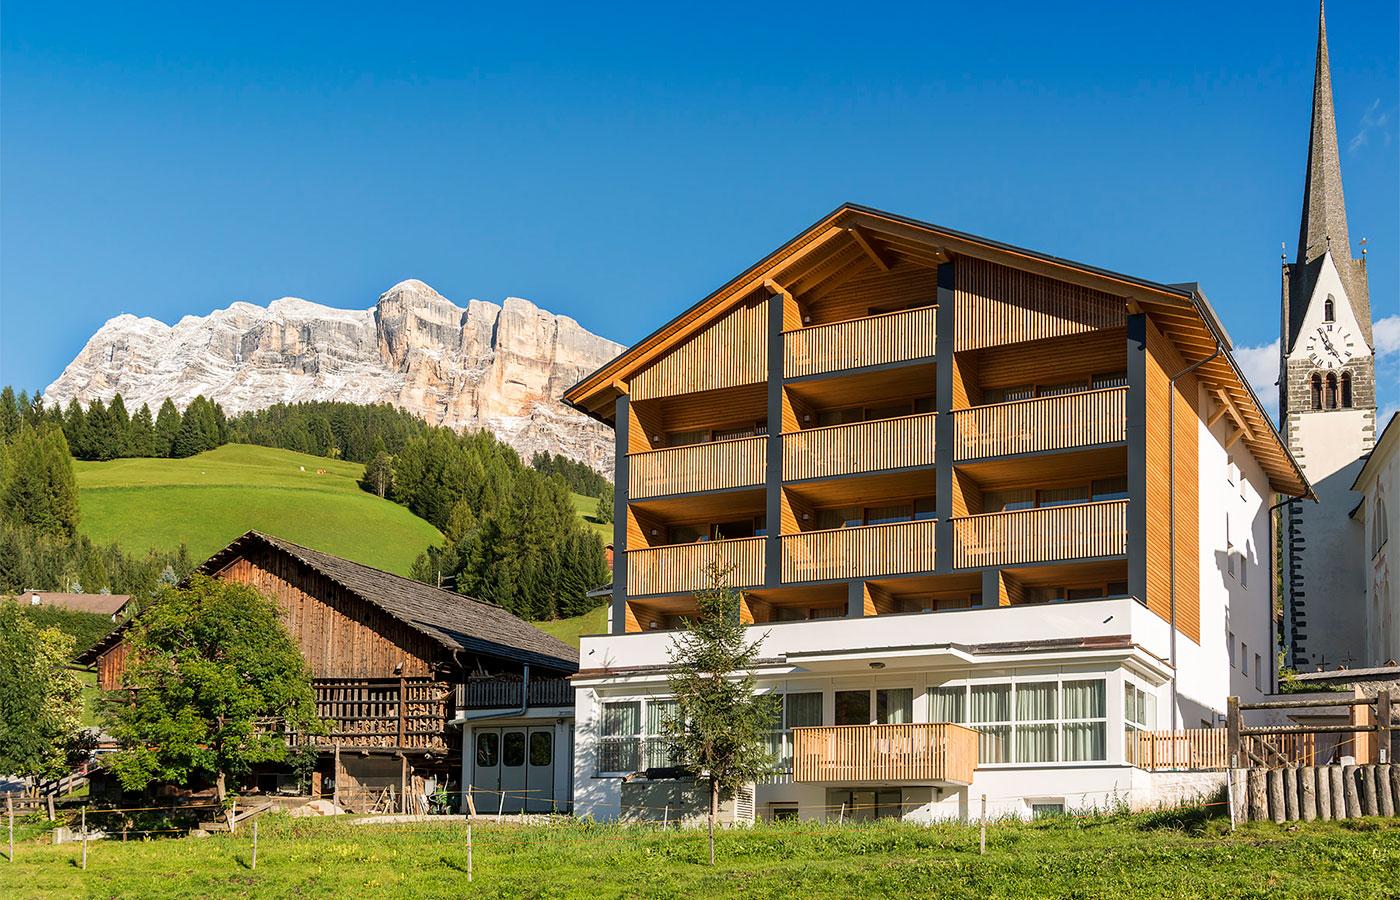 Il cavallino camere appartamenti in val badia - Residence val badia con piscina ...